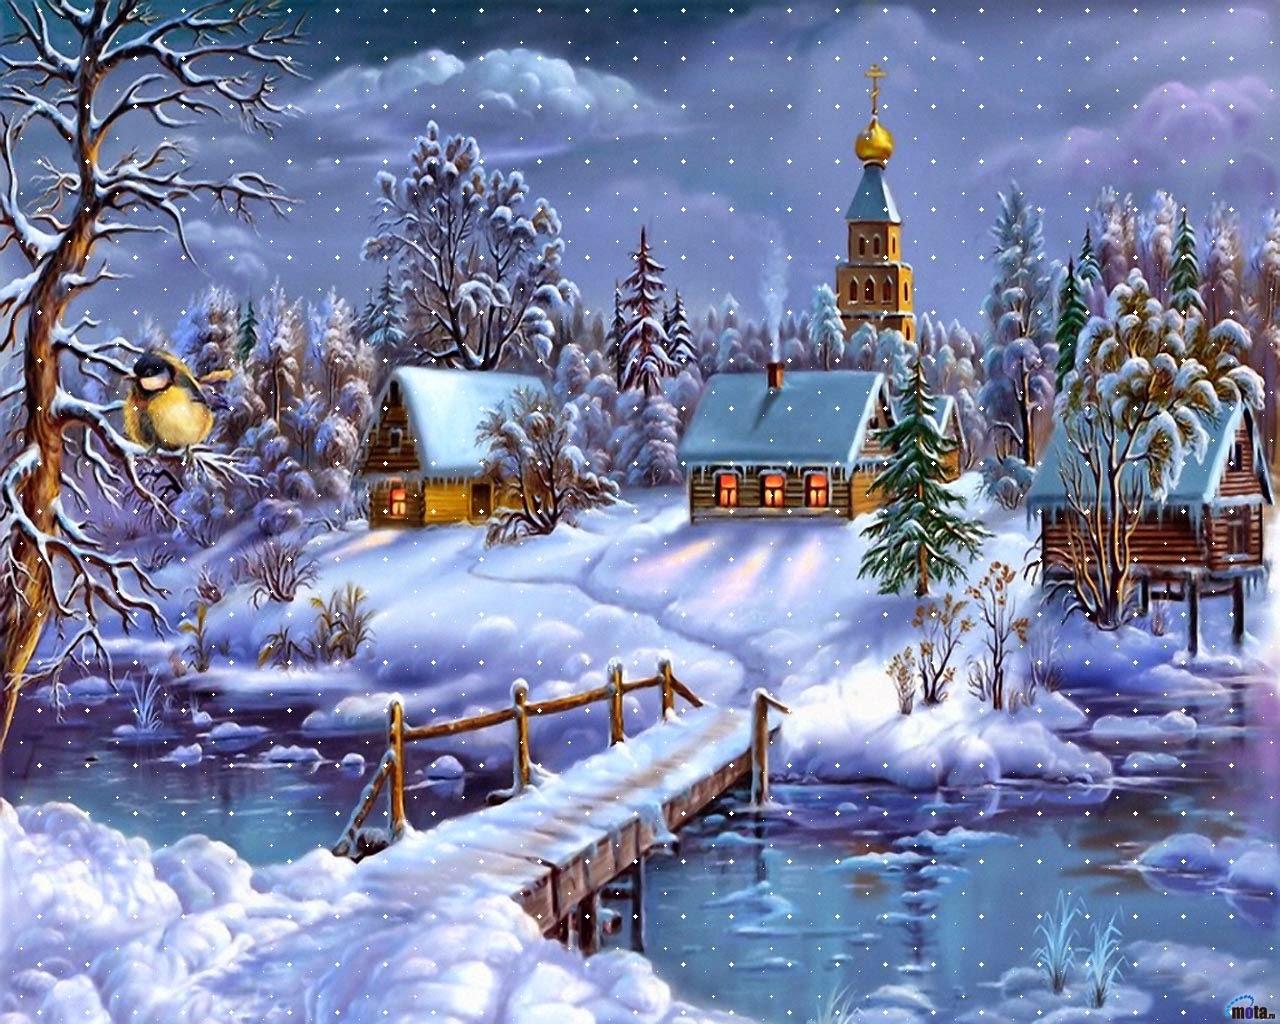 Зима... Морозная и снежная, для кого-то долгожданная, а кем-то не очень любимая, но бесспорно – прекрасная.  - Страница 2 121294-2-f